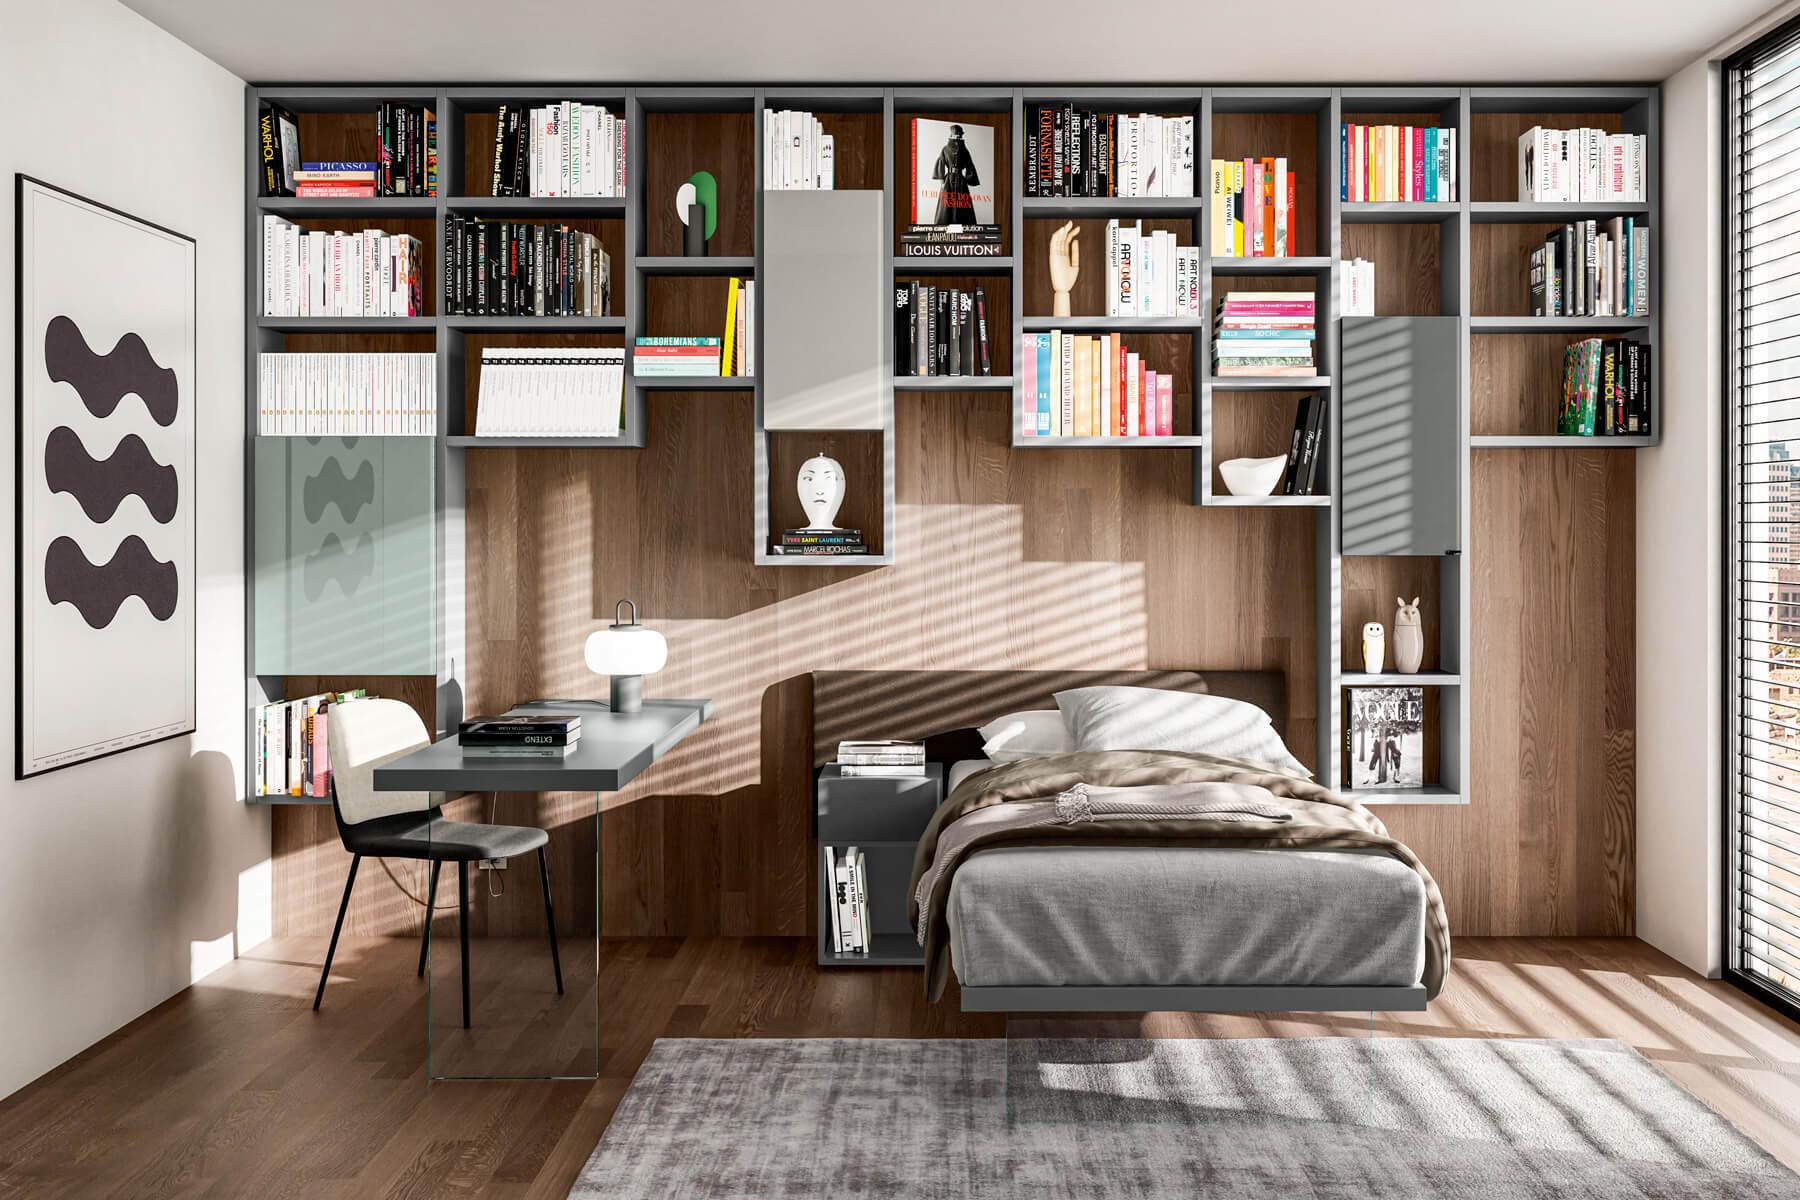 letto-singolo-cameretta-con-libreria-1